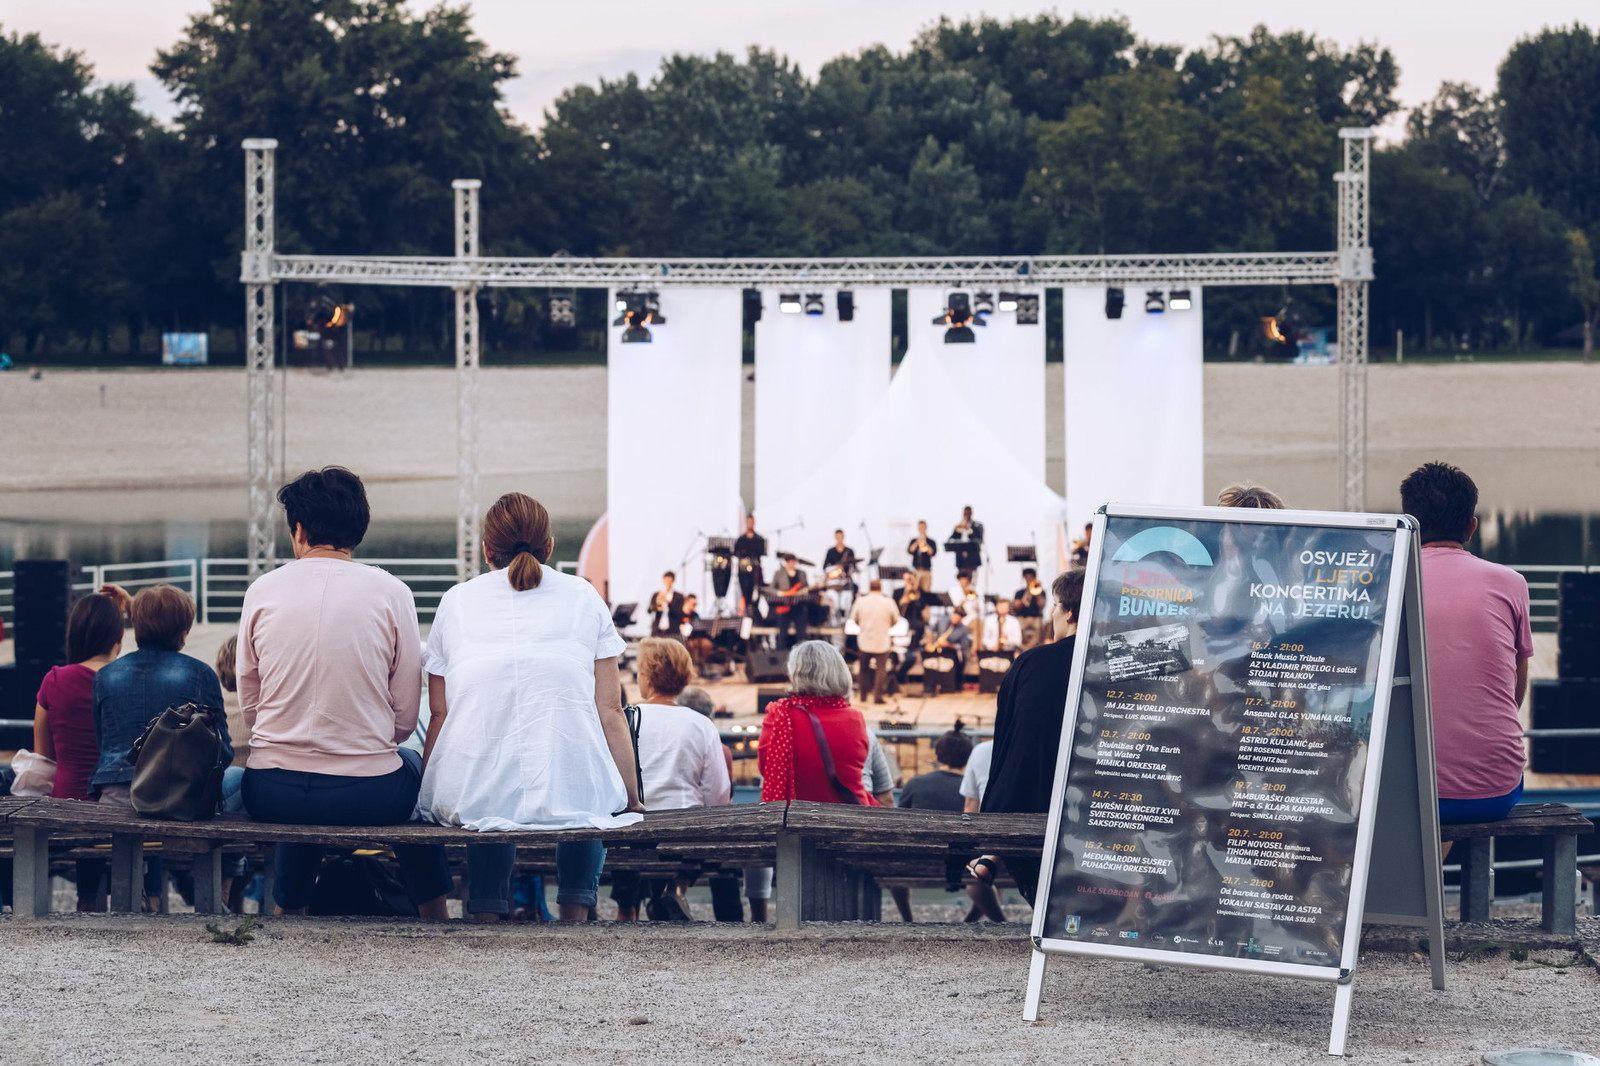 Tour De Lit orchestra Joli orchestra tour De Lit Unique Jm Jazz World – Festicab org